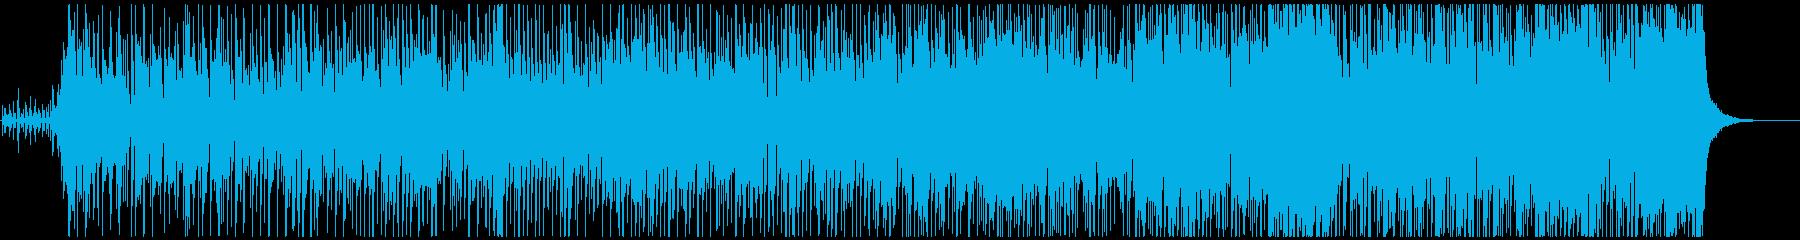 短く明るいファンク、ビーチミュージック。の再生済みの波形